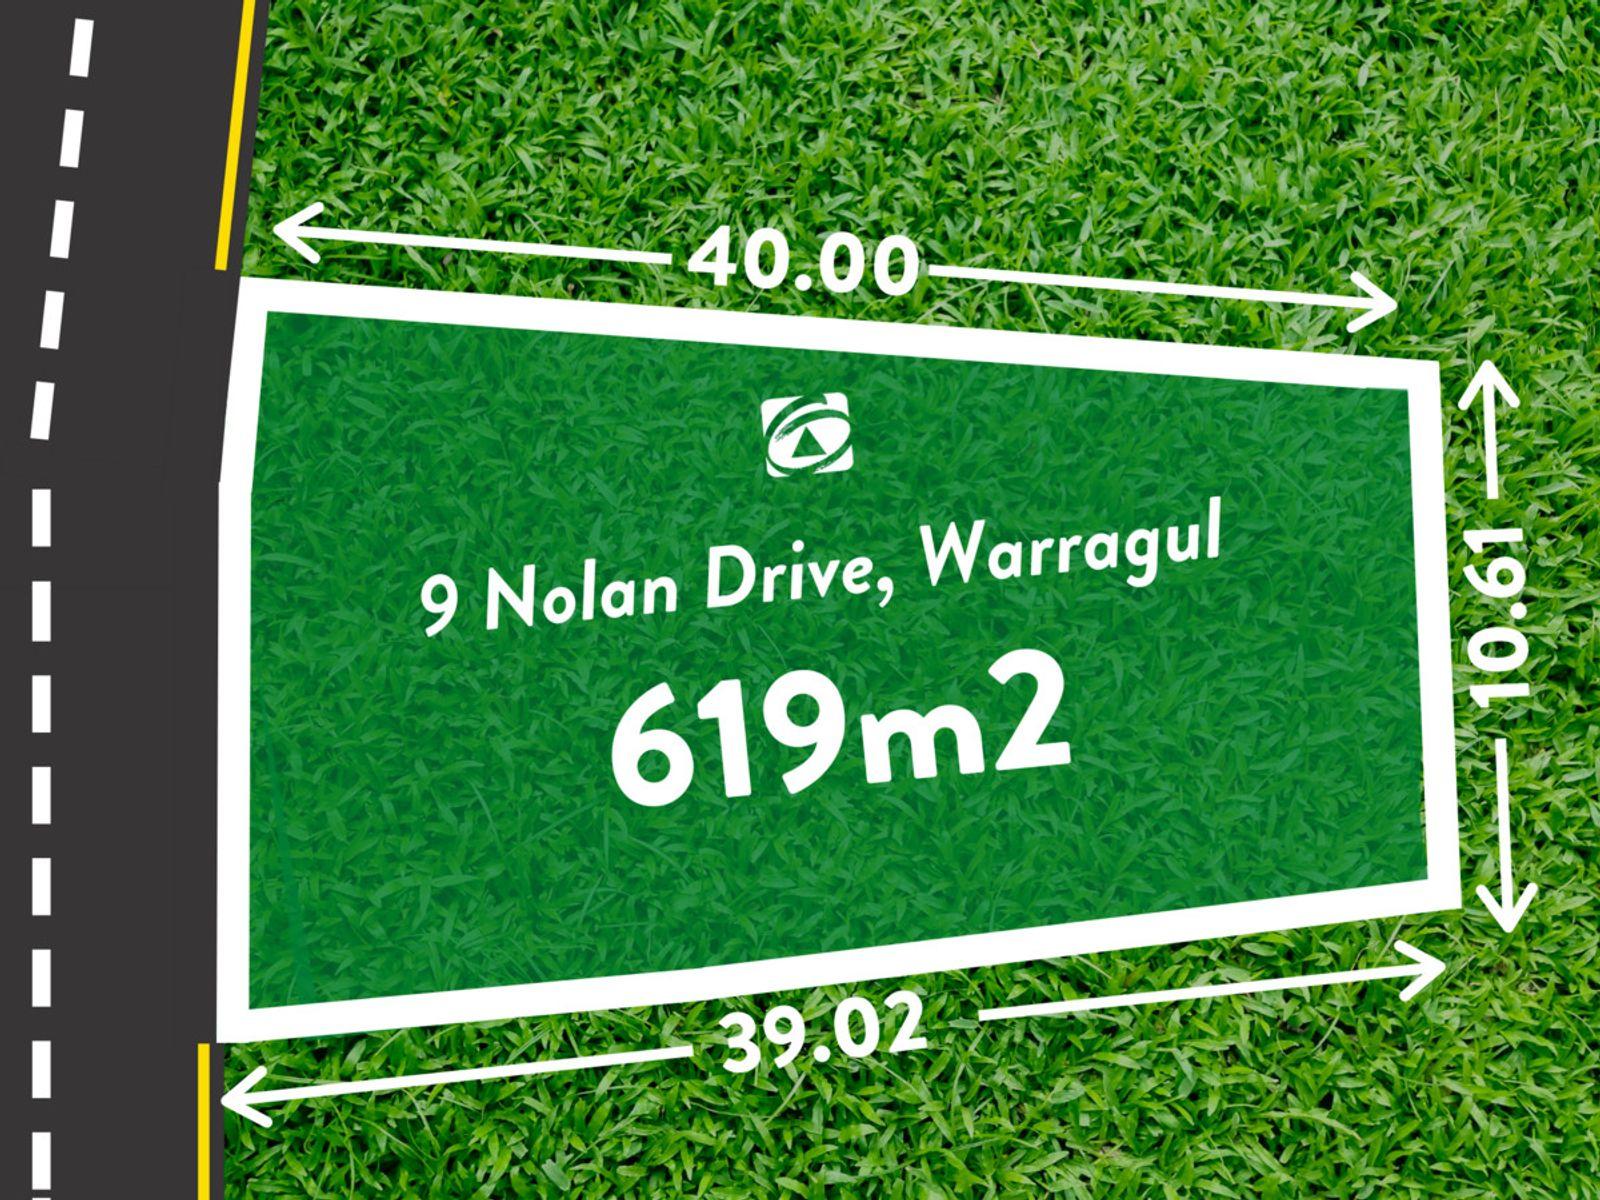 9 Nolan Drive, Warragul, VIC 3820